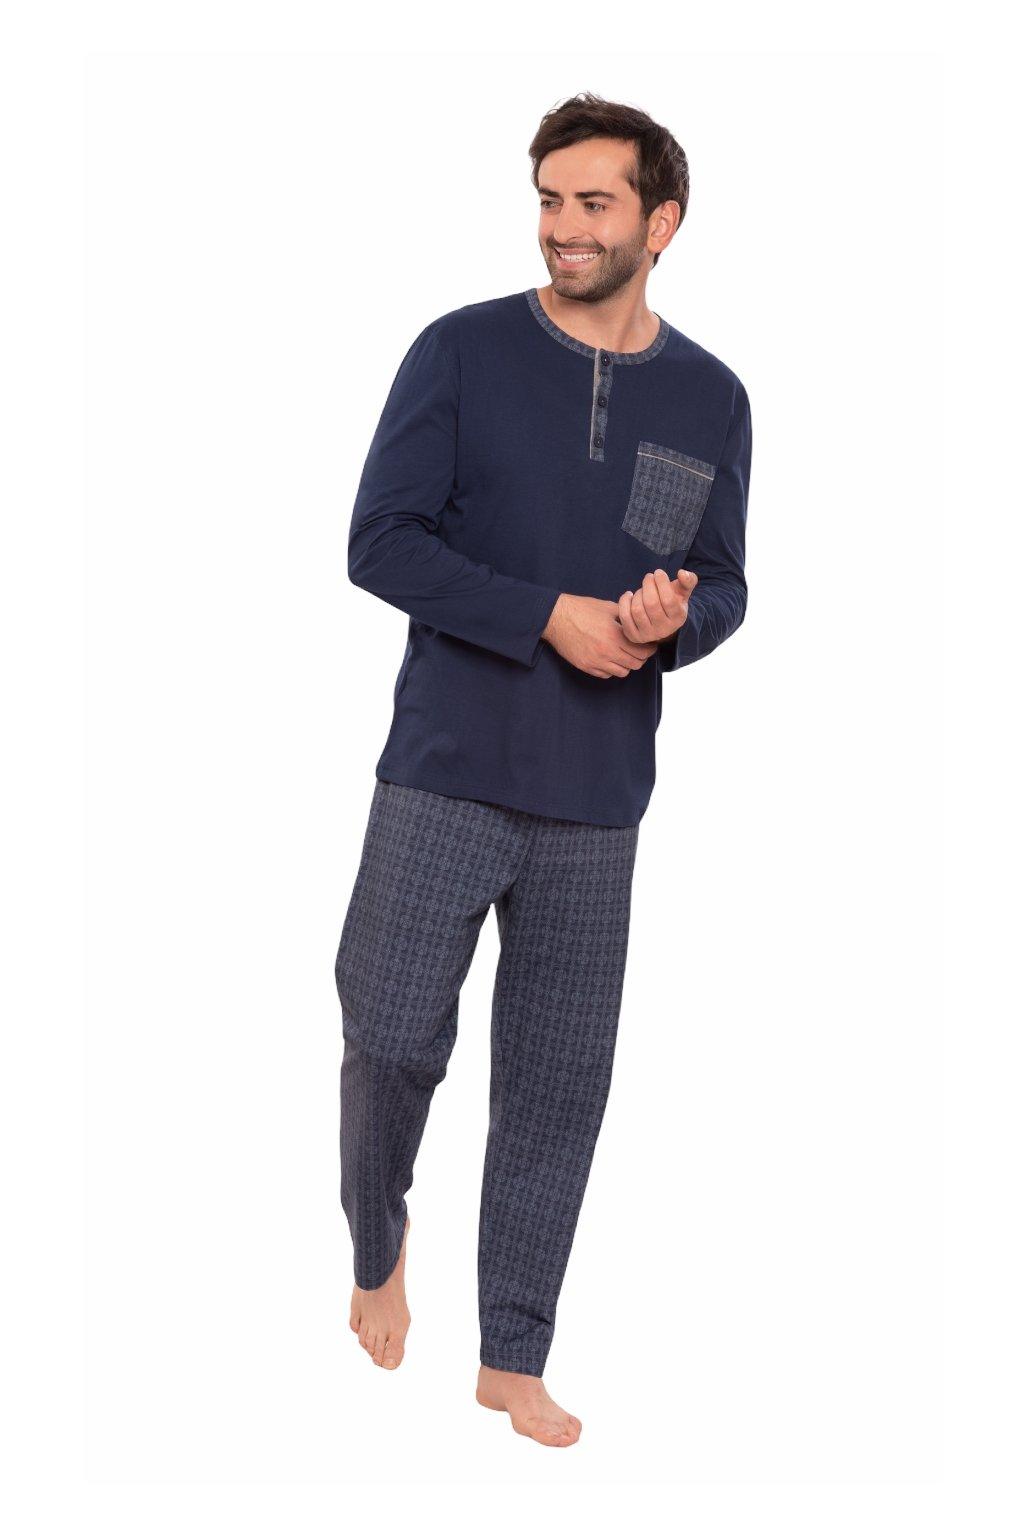 Pánské pyžamo s dlouhým rukávem, 204134 425, modrá